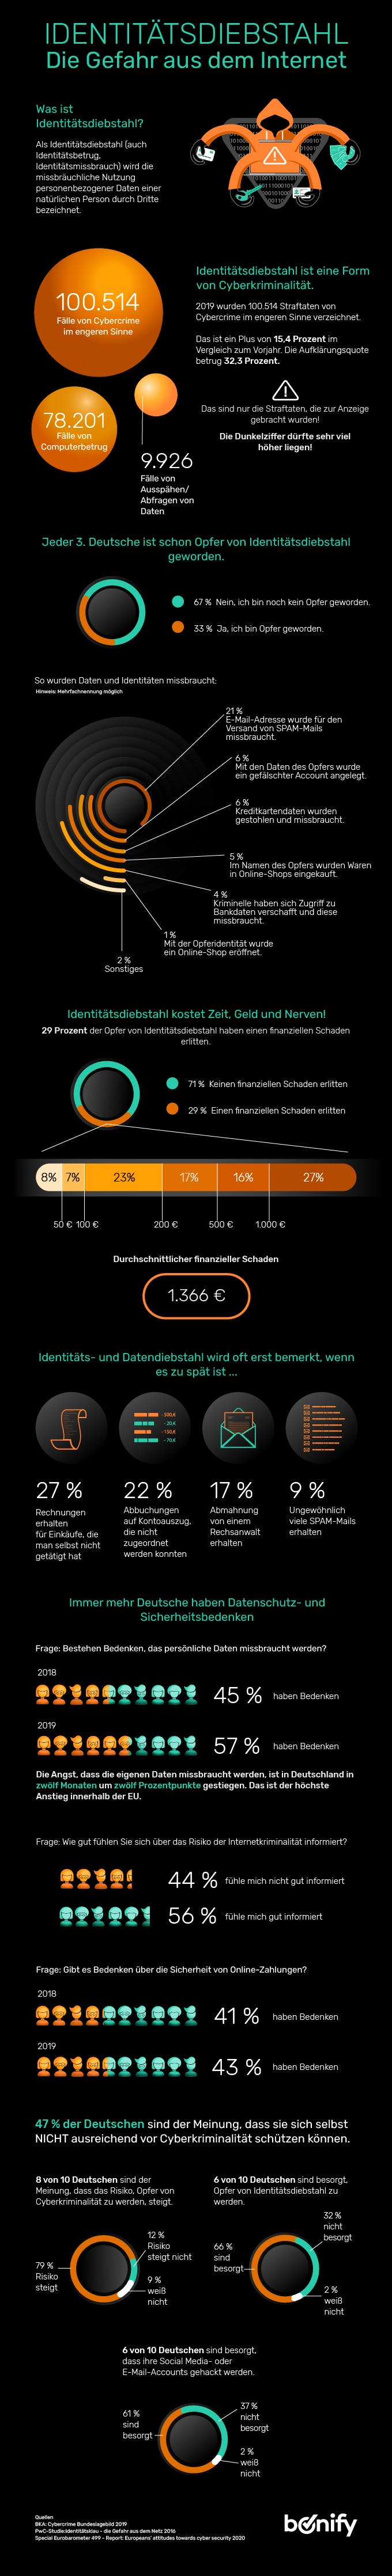 bonify IdentProtect Infografik 1 - Identitätsdiebstahl: Die Gefahr aus dem Netz